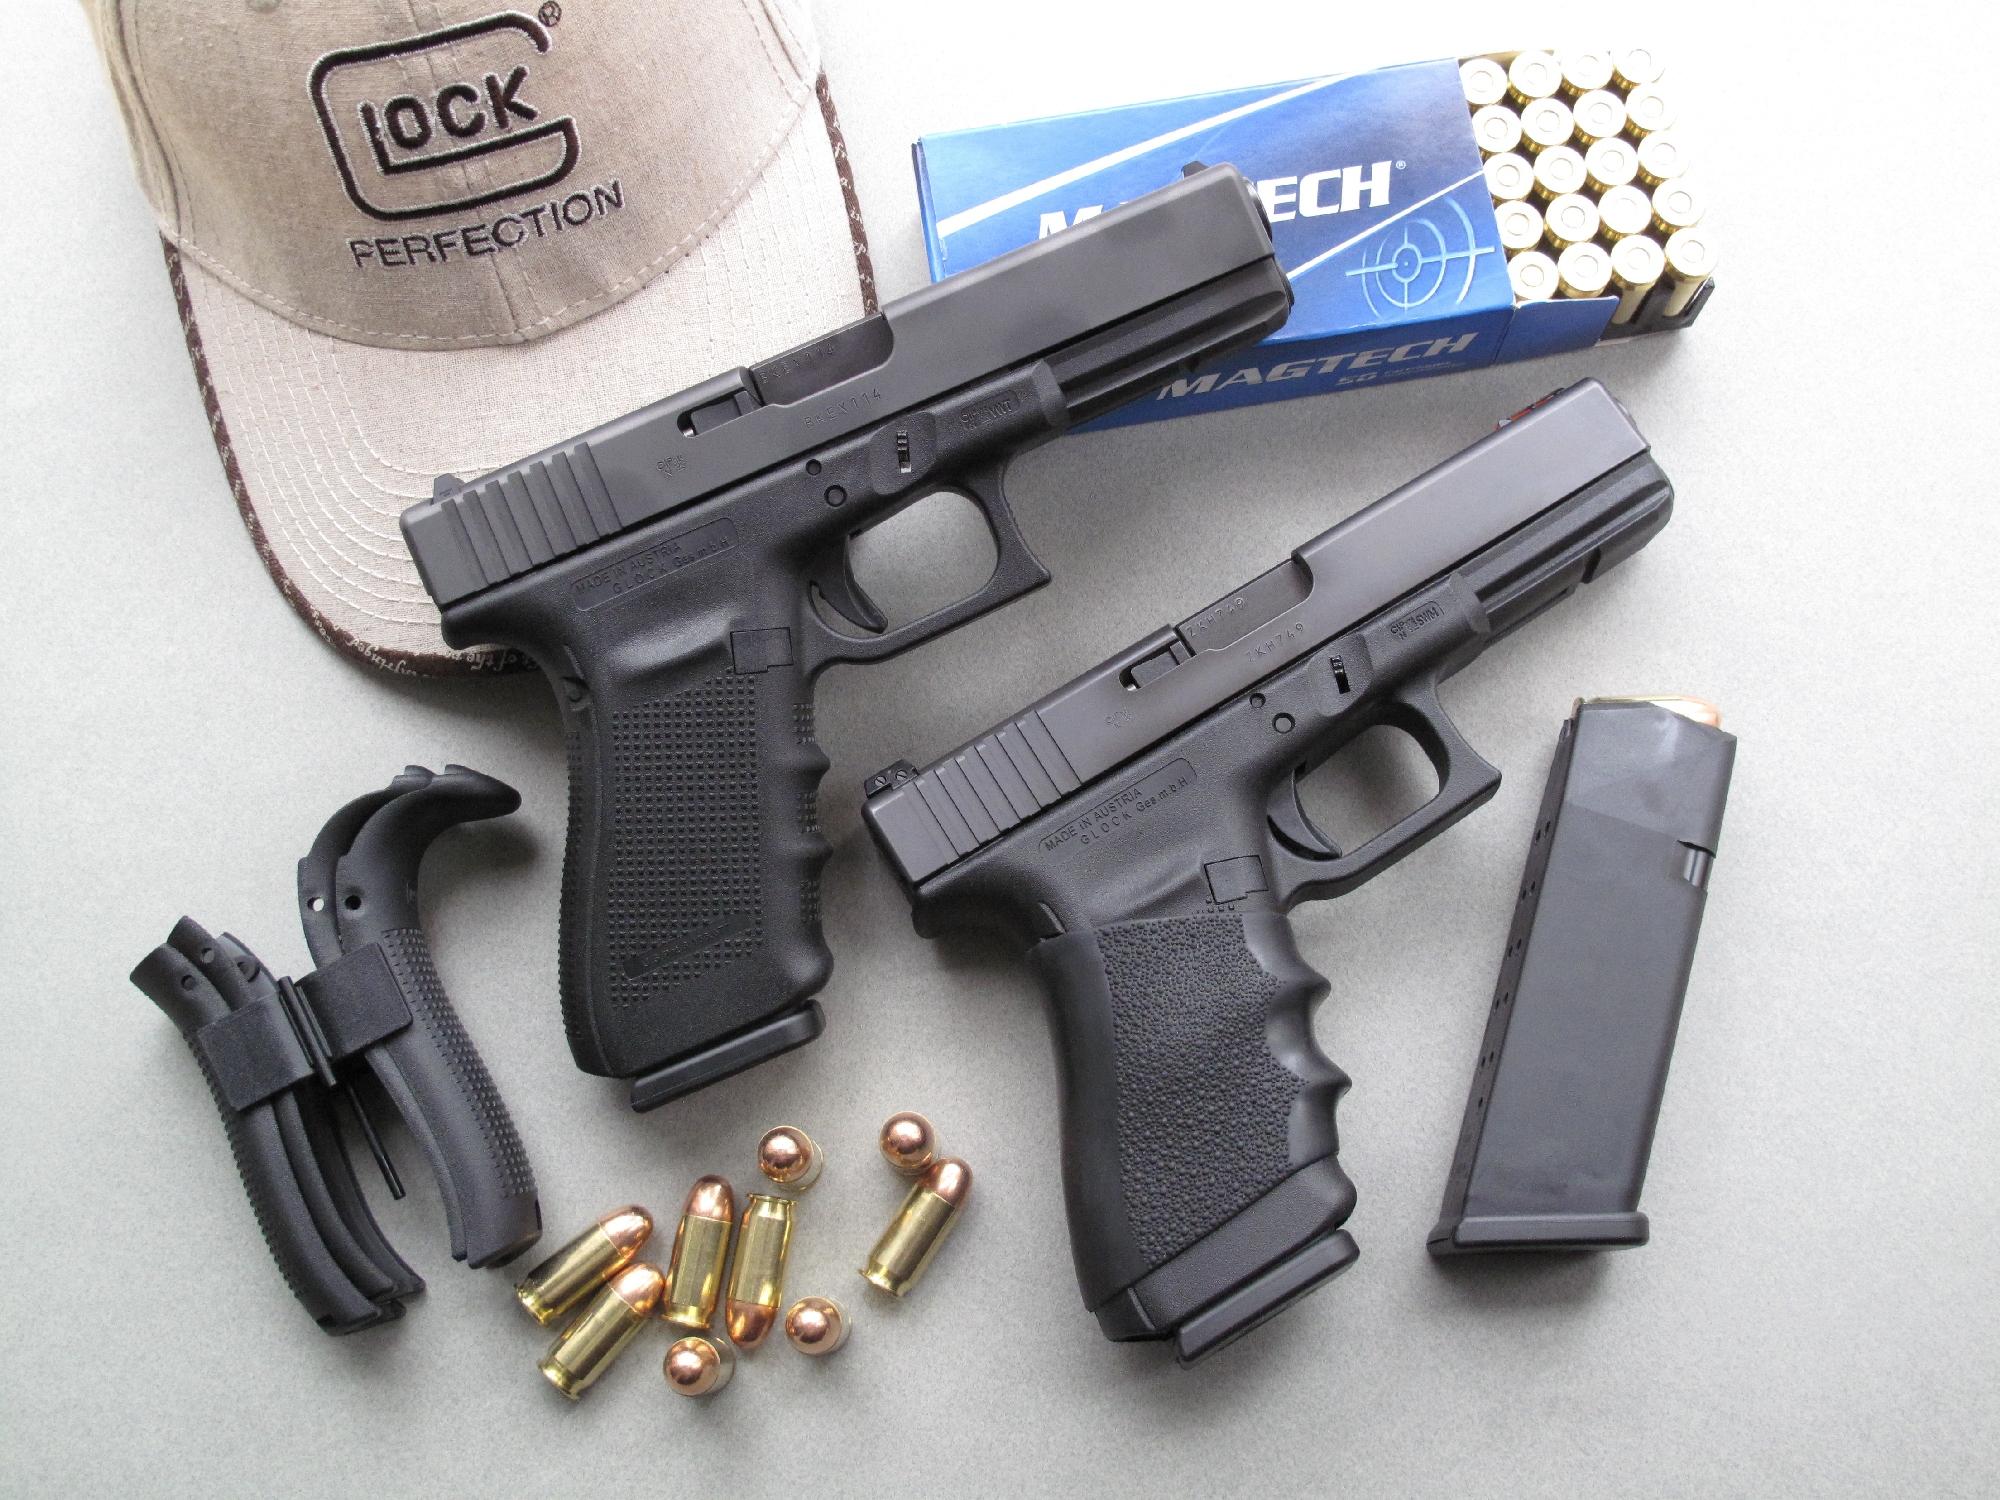 Les deux Glock 21 que nous avons utilisés pour ce banc d'essai sont accompagnés ici par une boîte de cartouches manufacturées par la firme brésilienne Magtech et par les quatre dos qui permettent, au gré de l'utilisateur, d'augmenter le volume de la poignée.